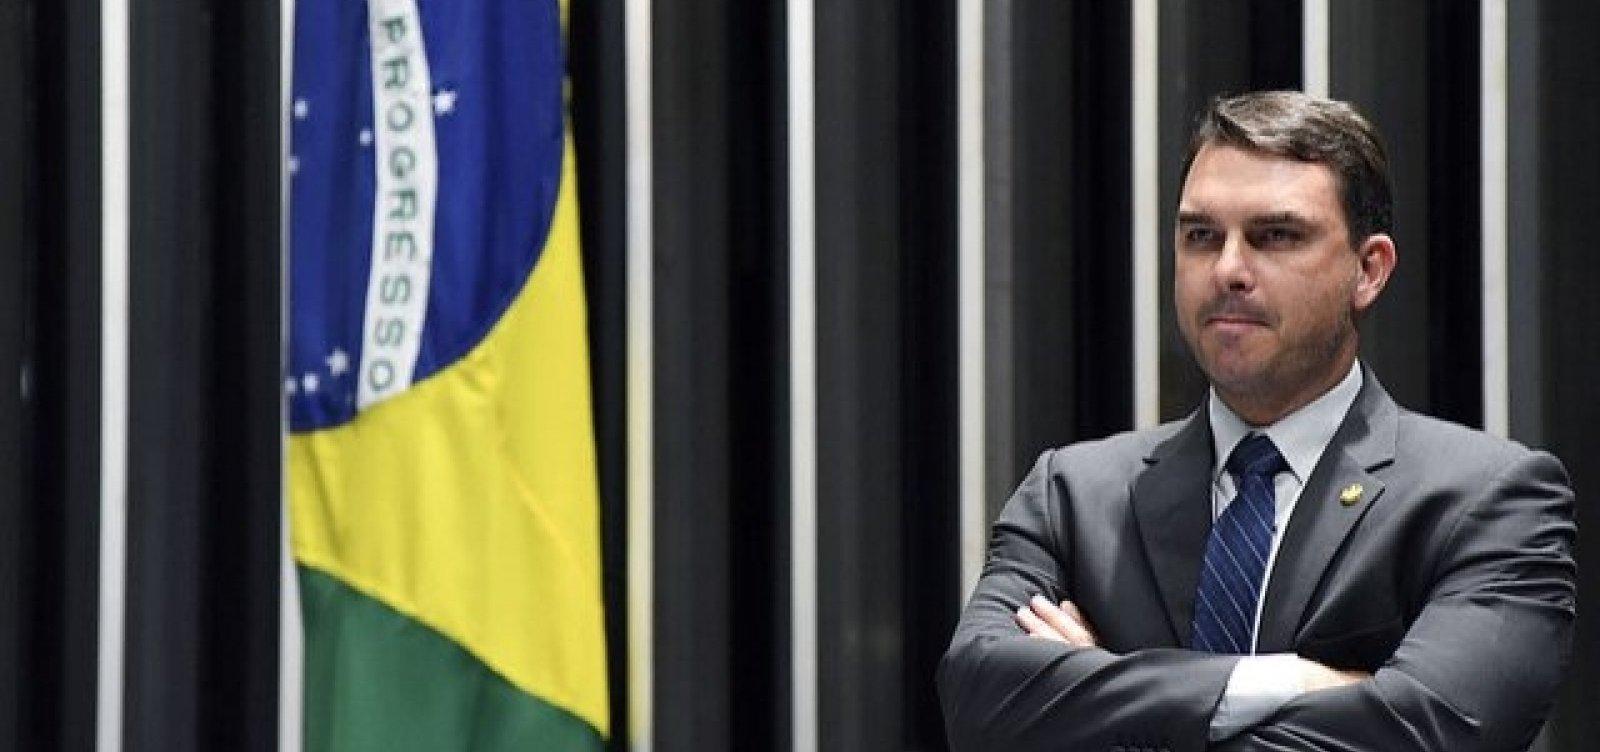 [MP-RJ abre novo inquérito para apurar funcionários 'fantasmas' de Flávio Bolsonaro ]